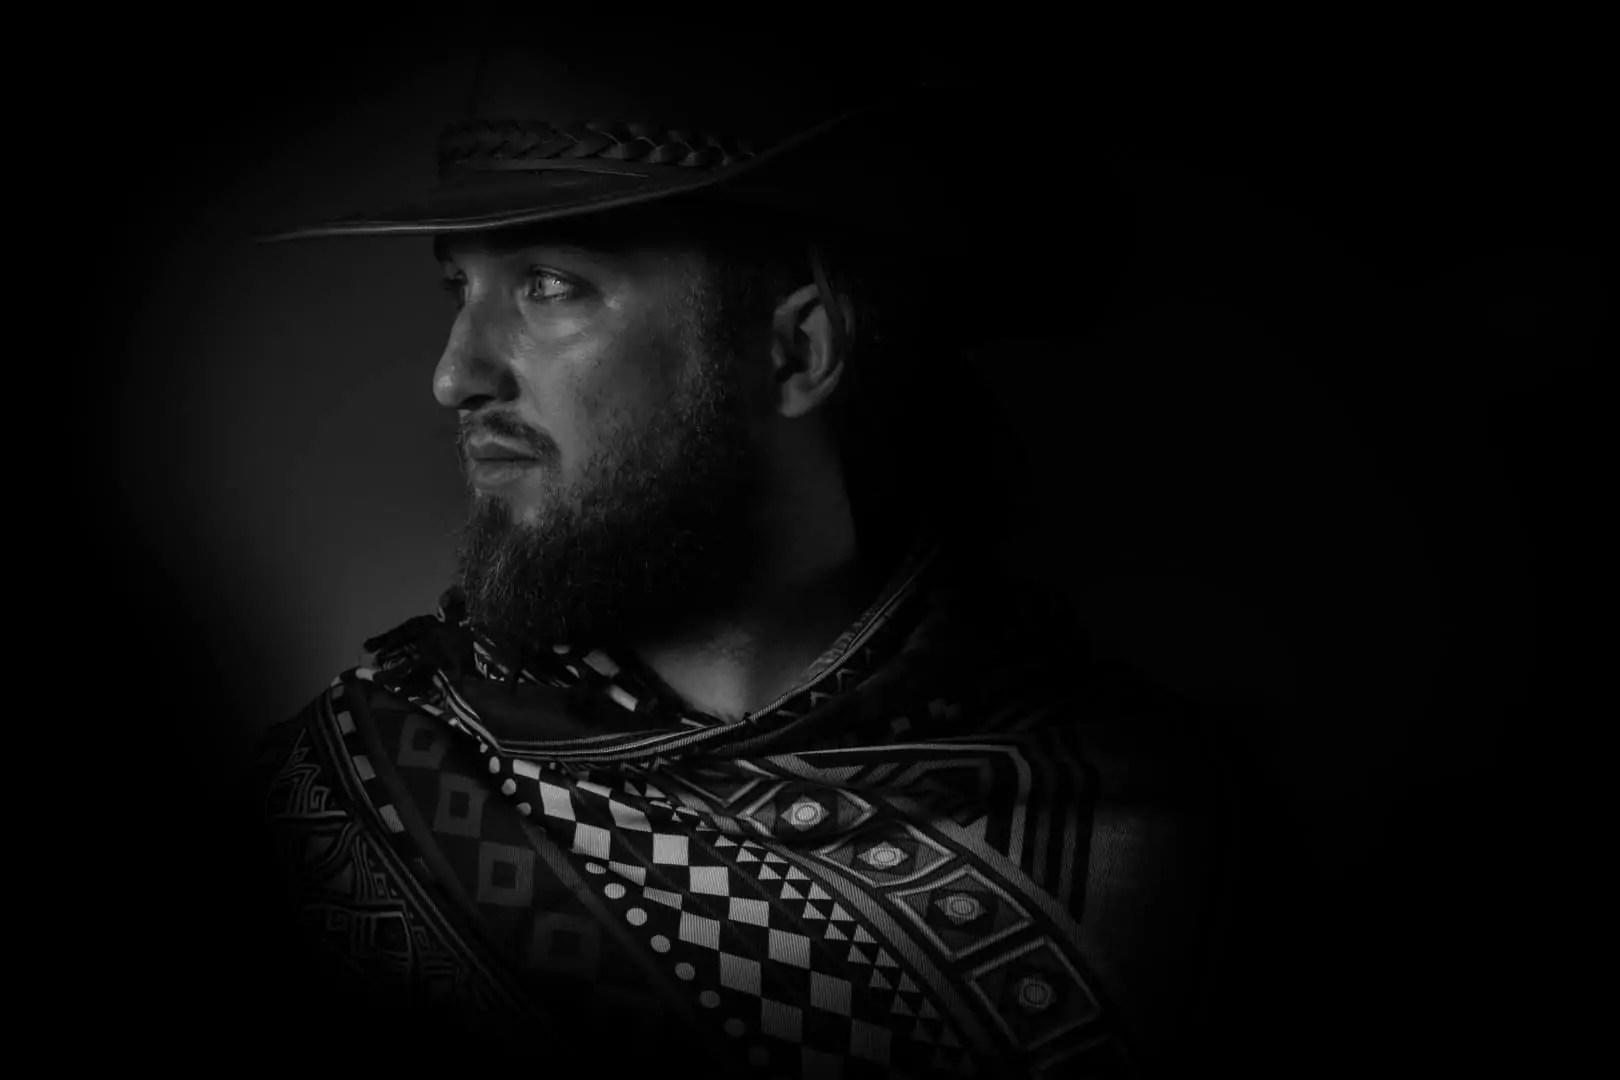 AutoportretKowboj 3 - Podstawy fotografii cyfrowej - 2020 aktualizacja